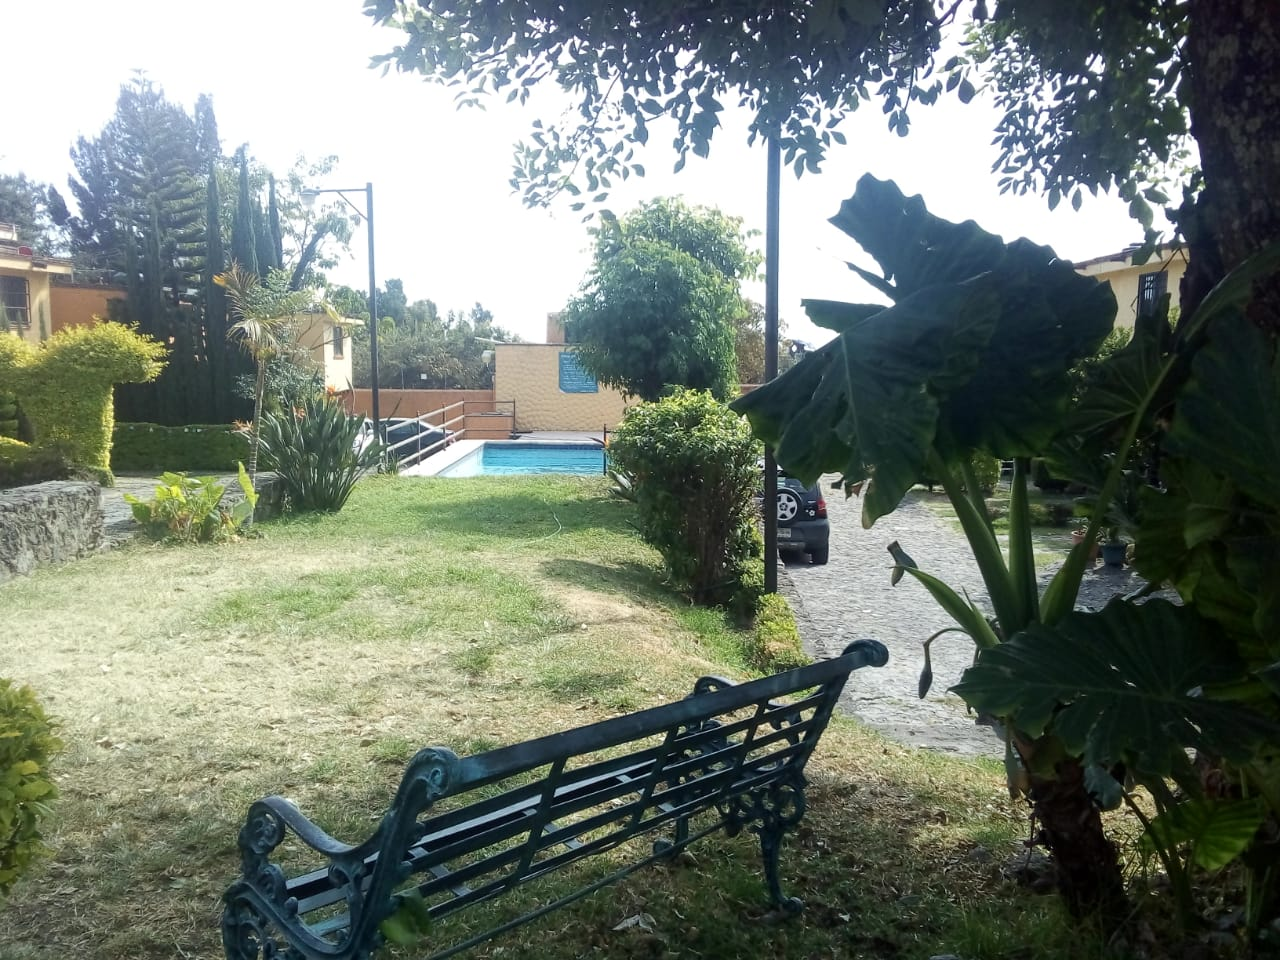 Casa en Condominio en Venta con Alberca y Area Verde en Zona Norte $1,650,000